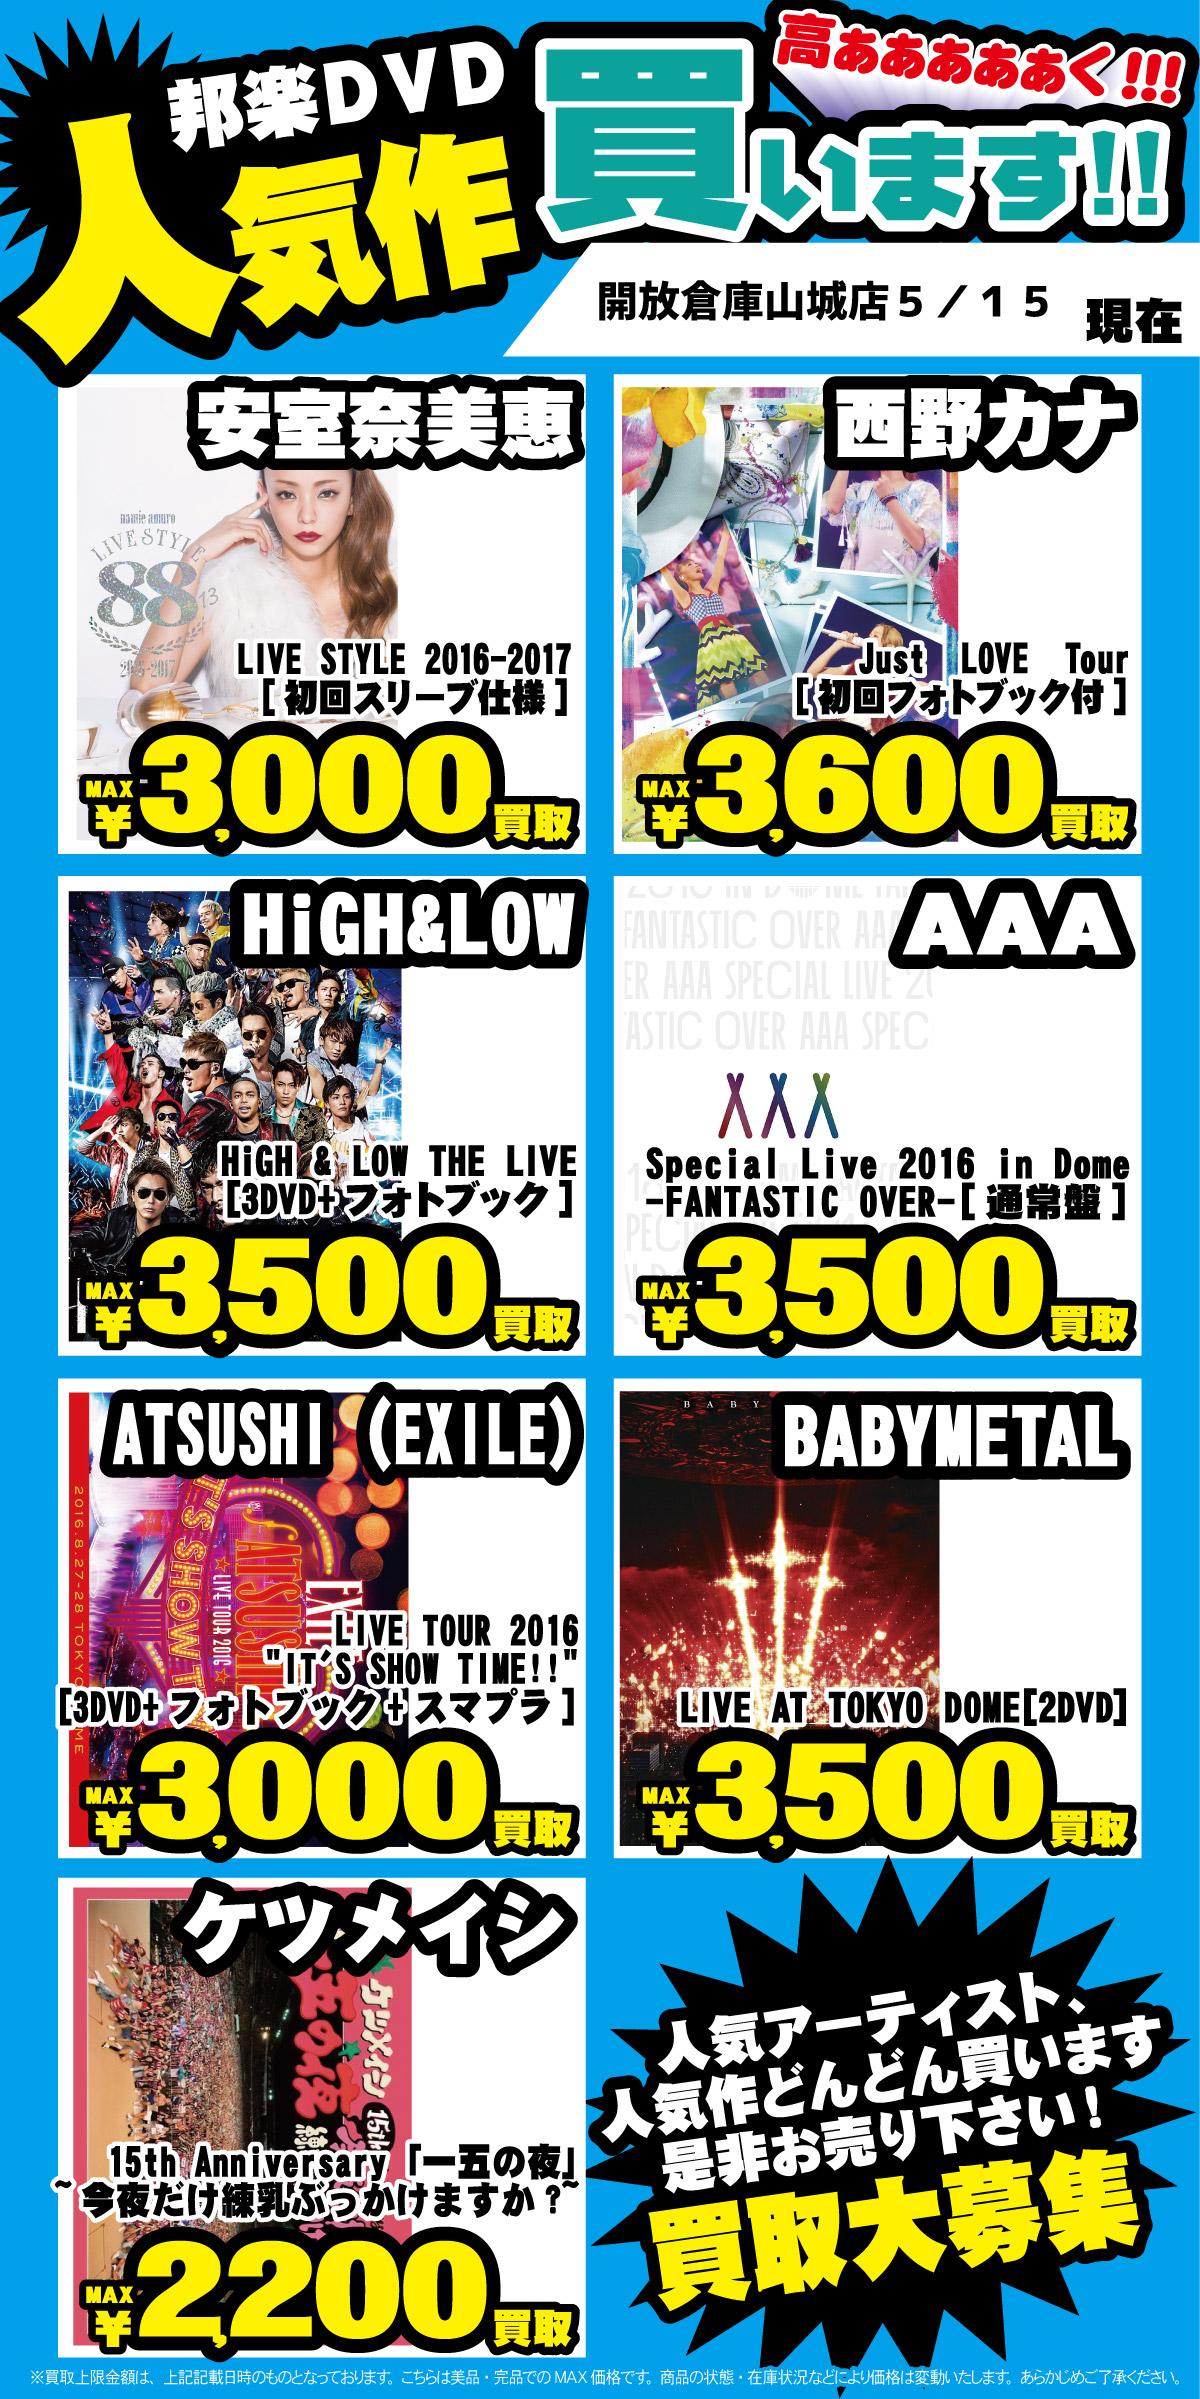 「開放倉庫山城店」邦楽DVD人気作高あああああく!!!買います!!人気アーティスト、人気作ドンドン買います!買取大募集!